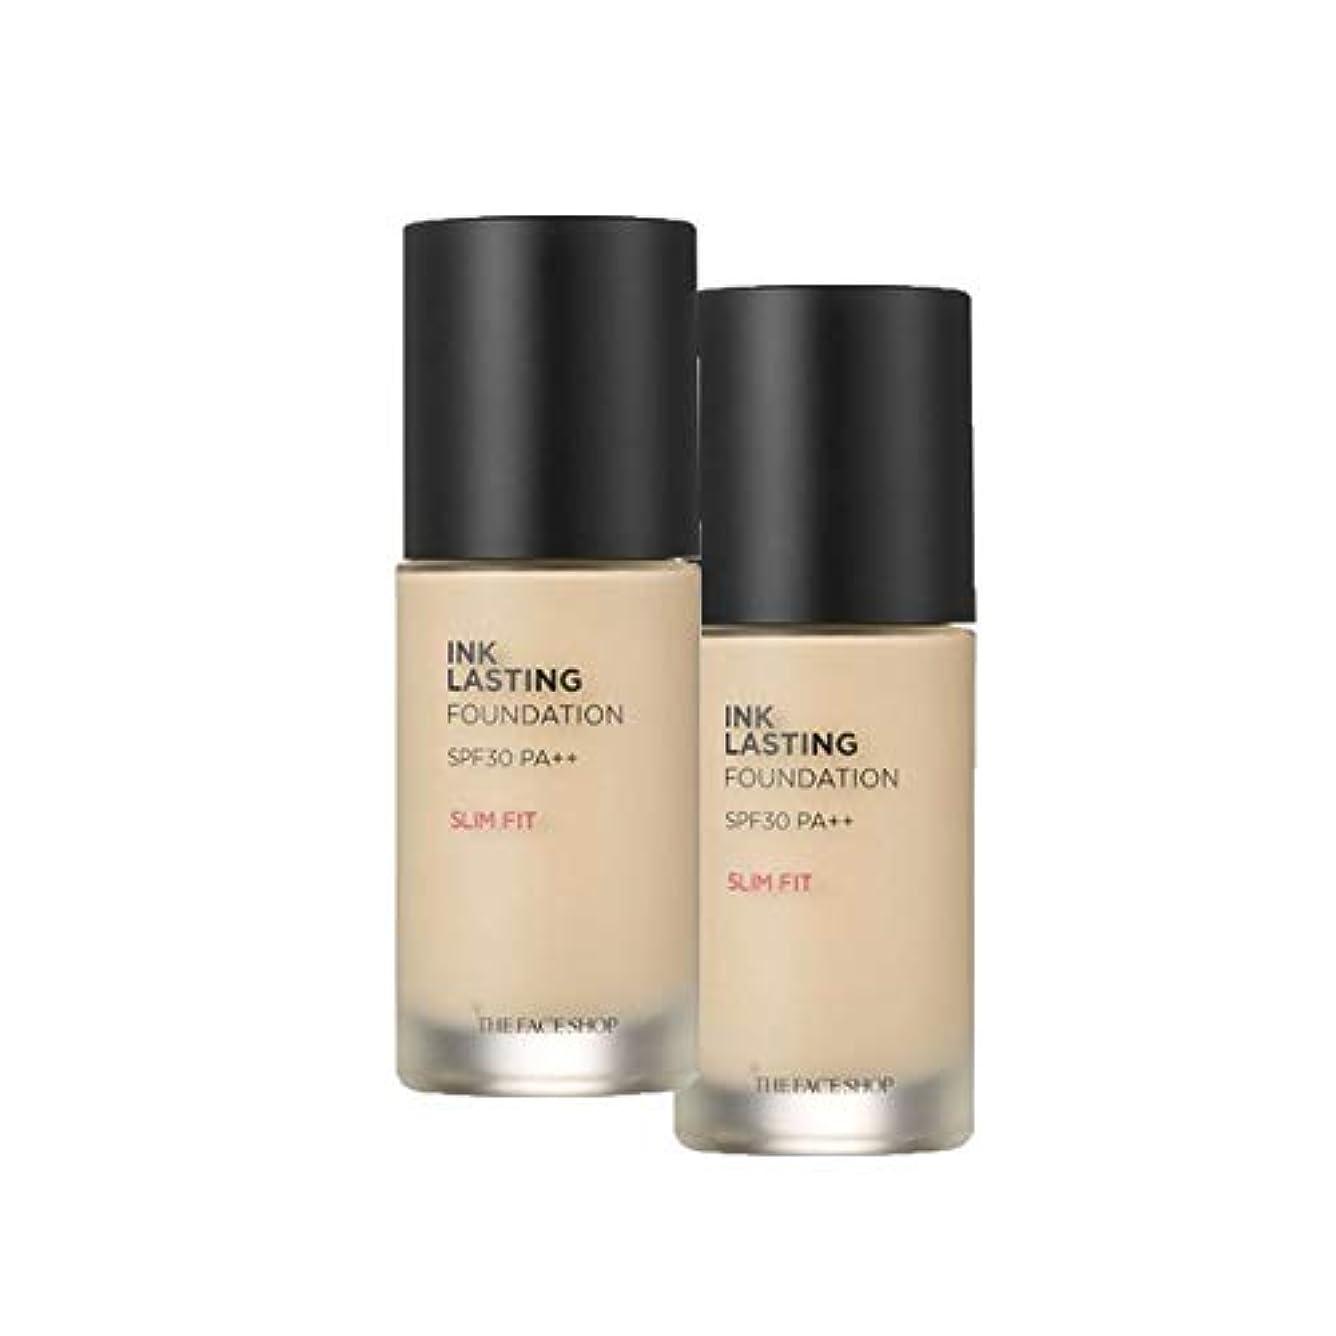 床不一致砲兵ザ?フェイスショップのインクラスティングファンデーションスリムフィット5カラー30mlx2本セット韓国コスメ、The Face Shop Ink Lasting Foundation Slim Fit 5 Colors...